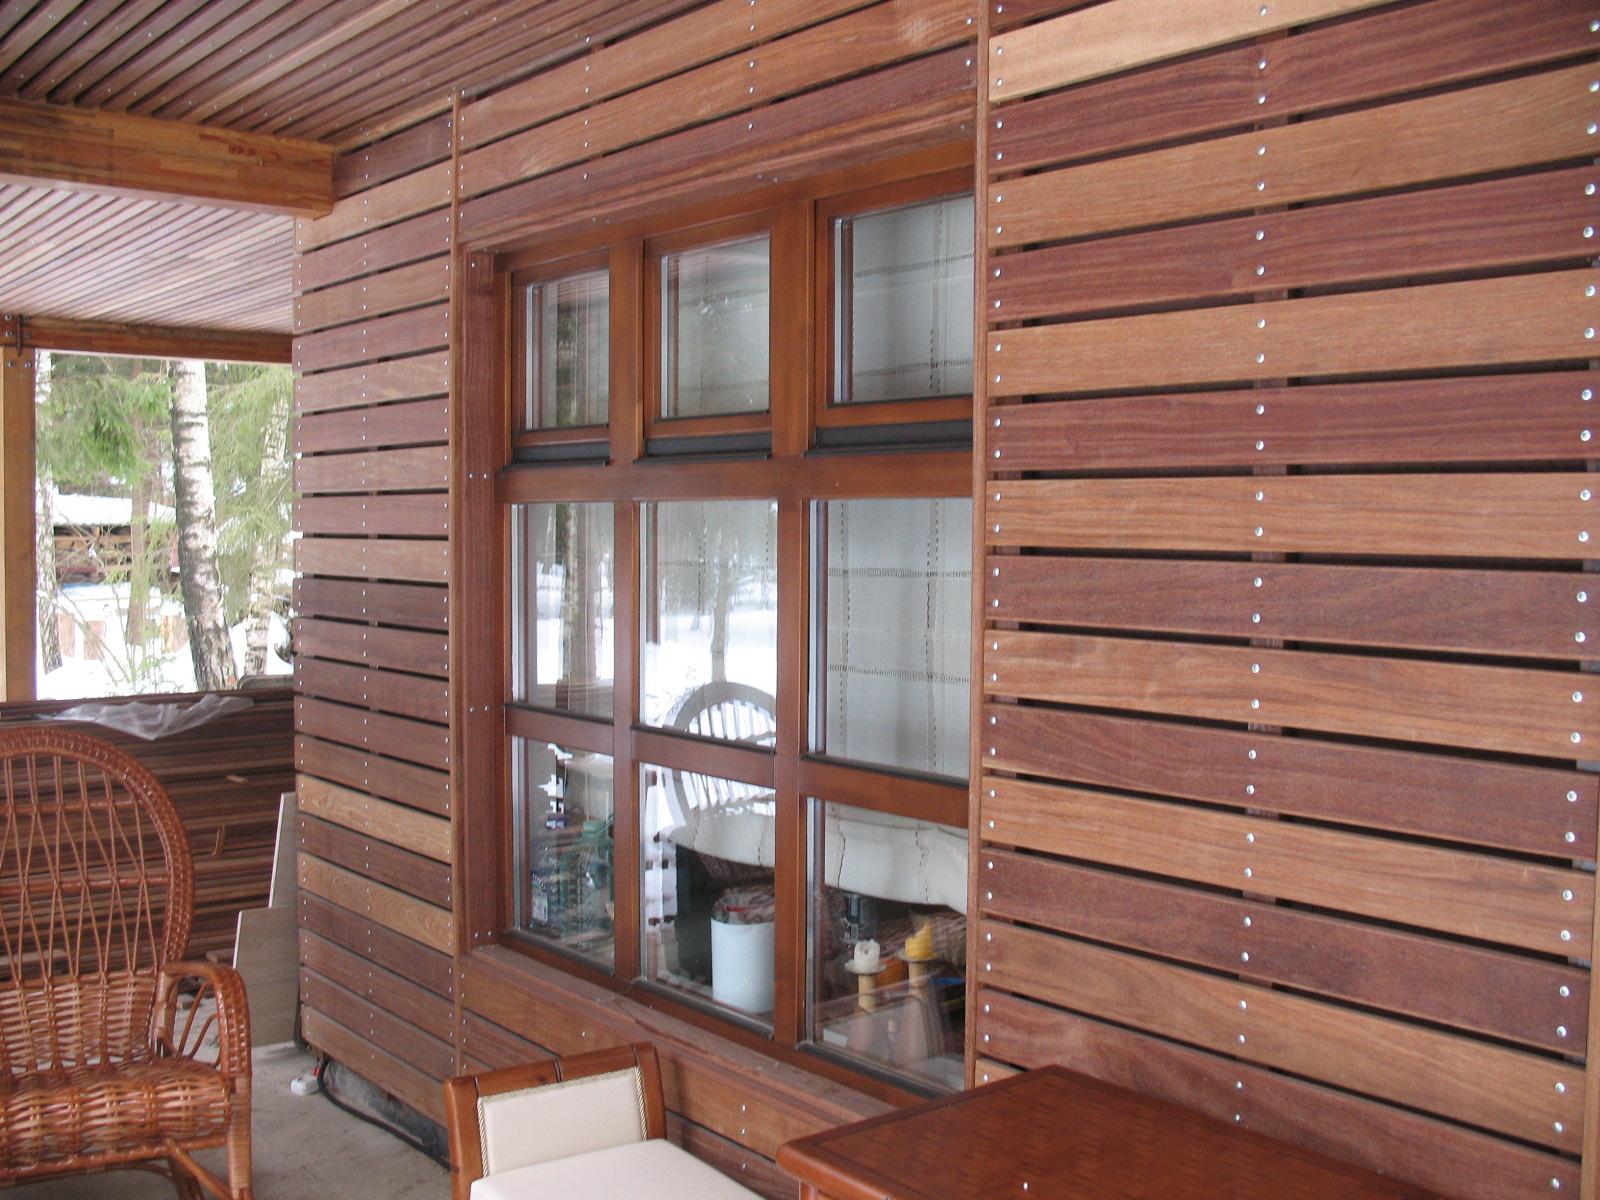 Отделка деревянного дома снаружи вагонкой